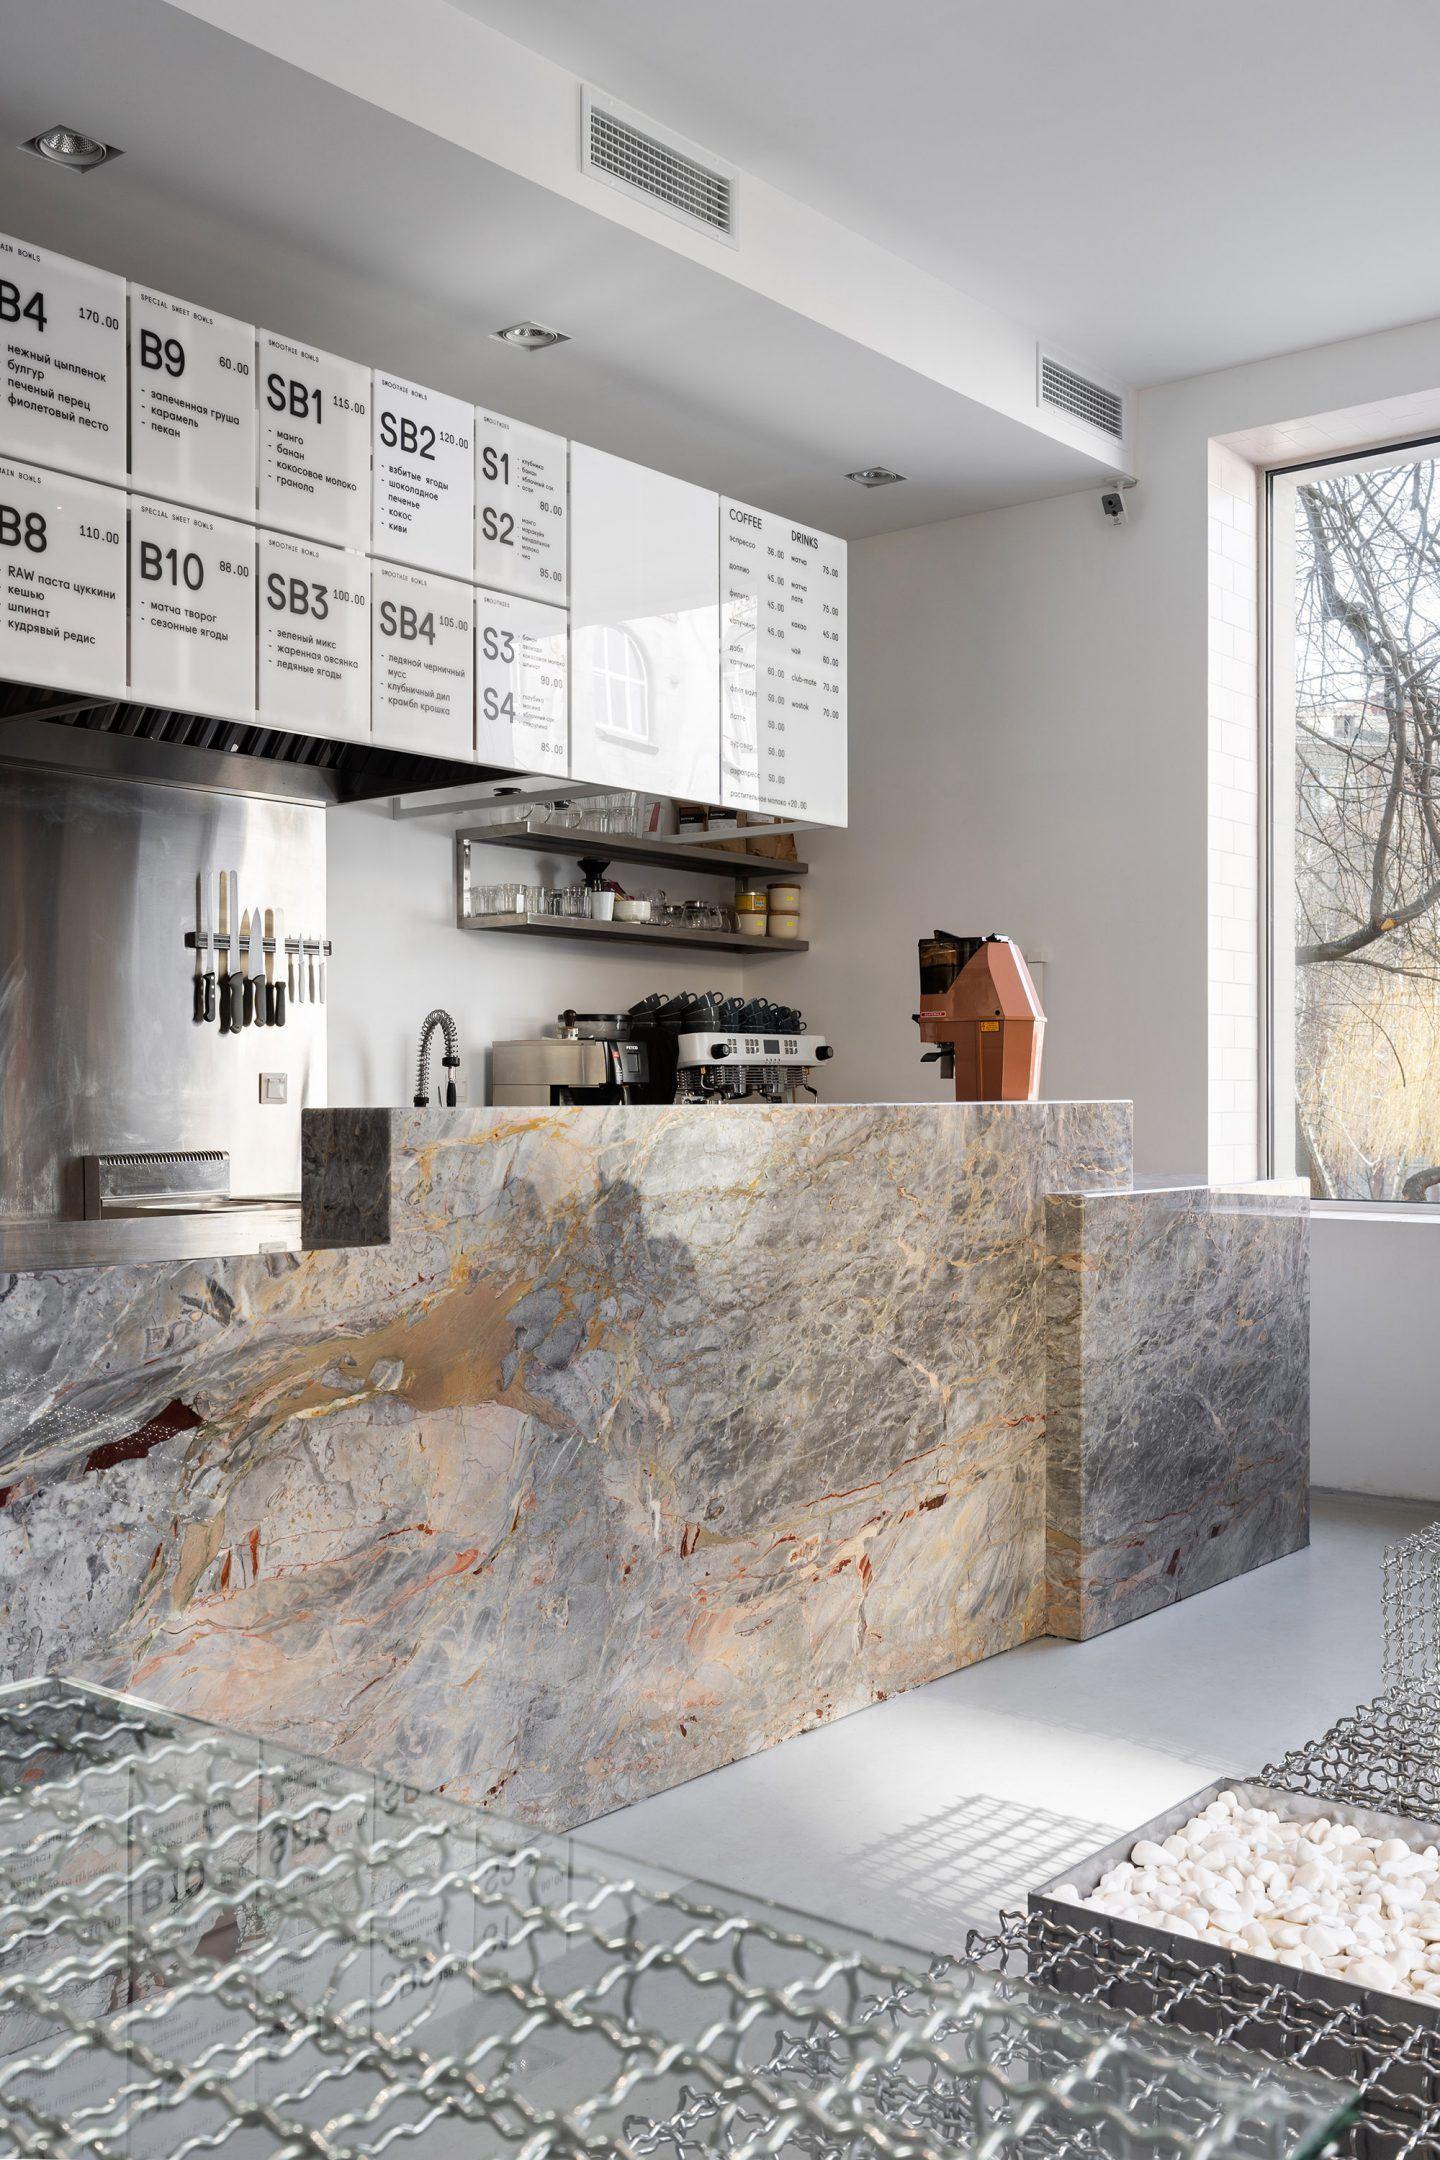 IGNANT-Design-AKZ-Architects-Bowl-Cafe-04